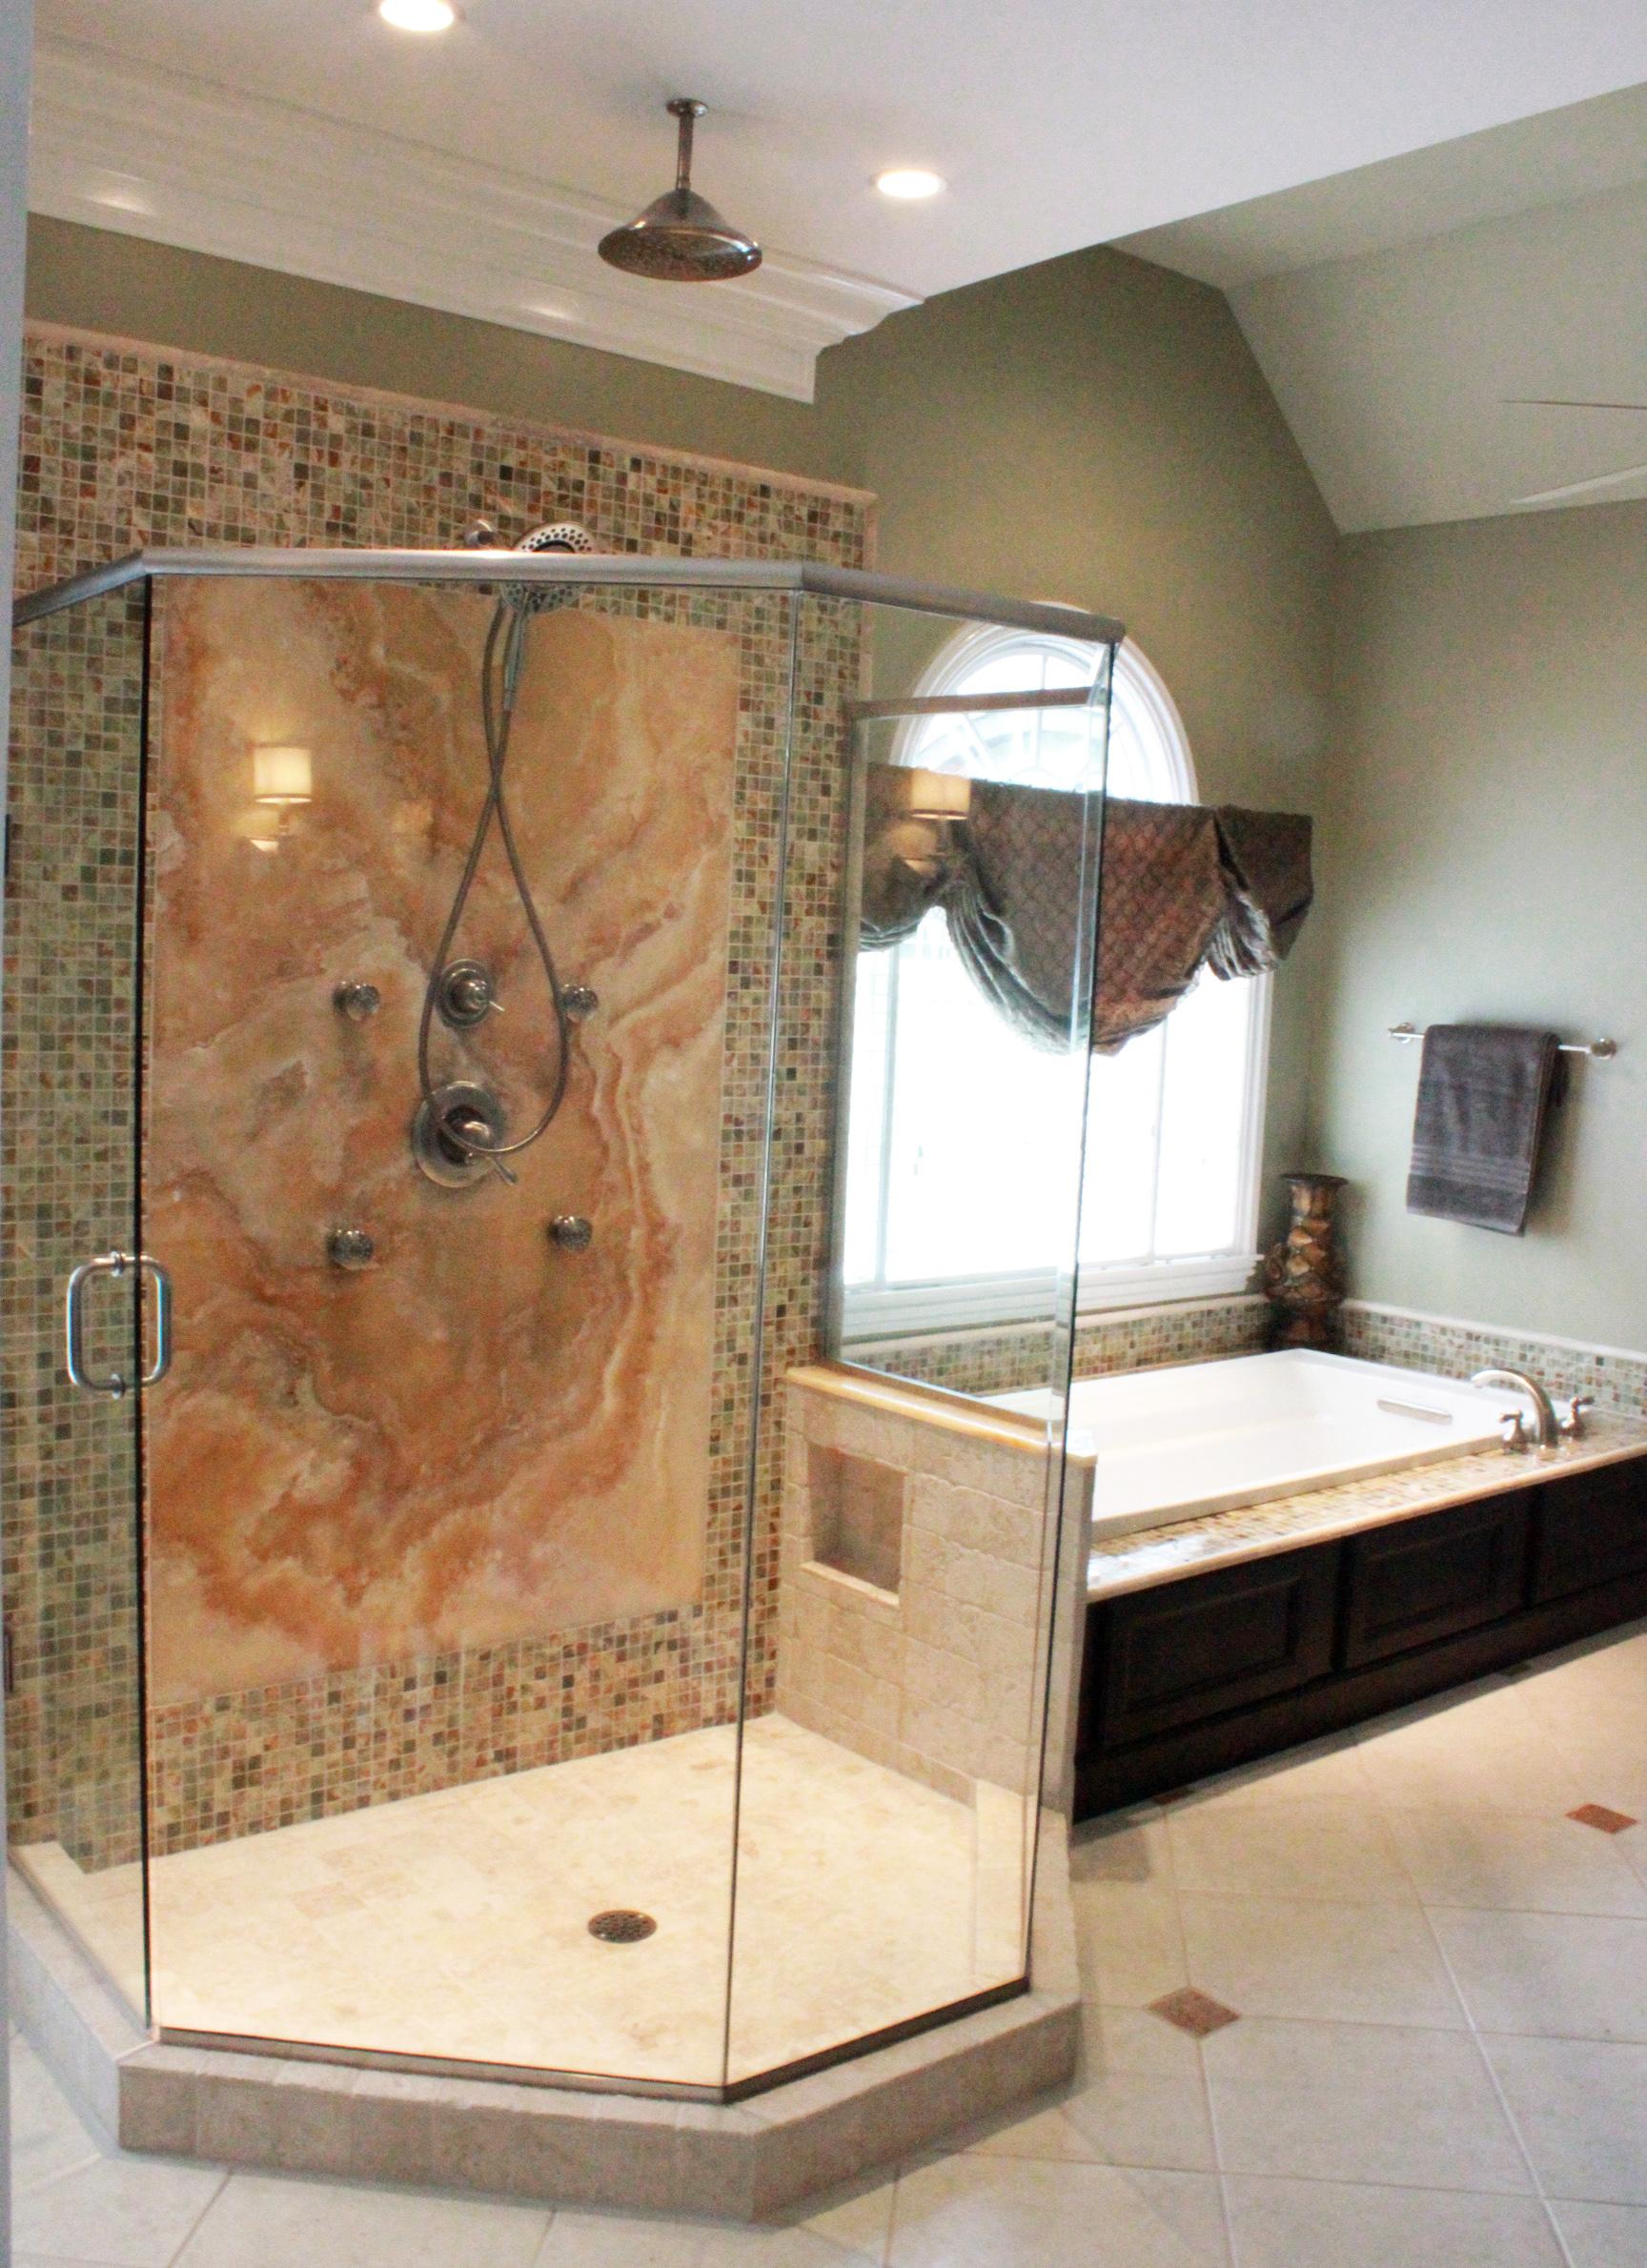 after home index homes al vestavia birmingham drake remodeling baths alabama interior swanky bathroom